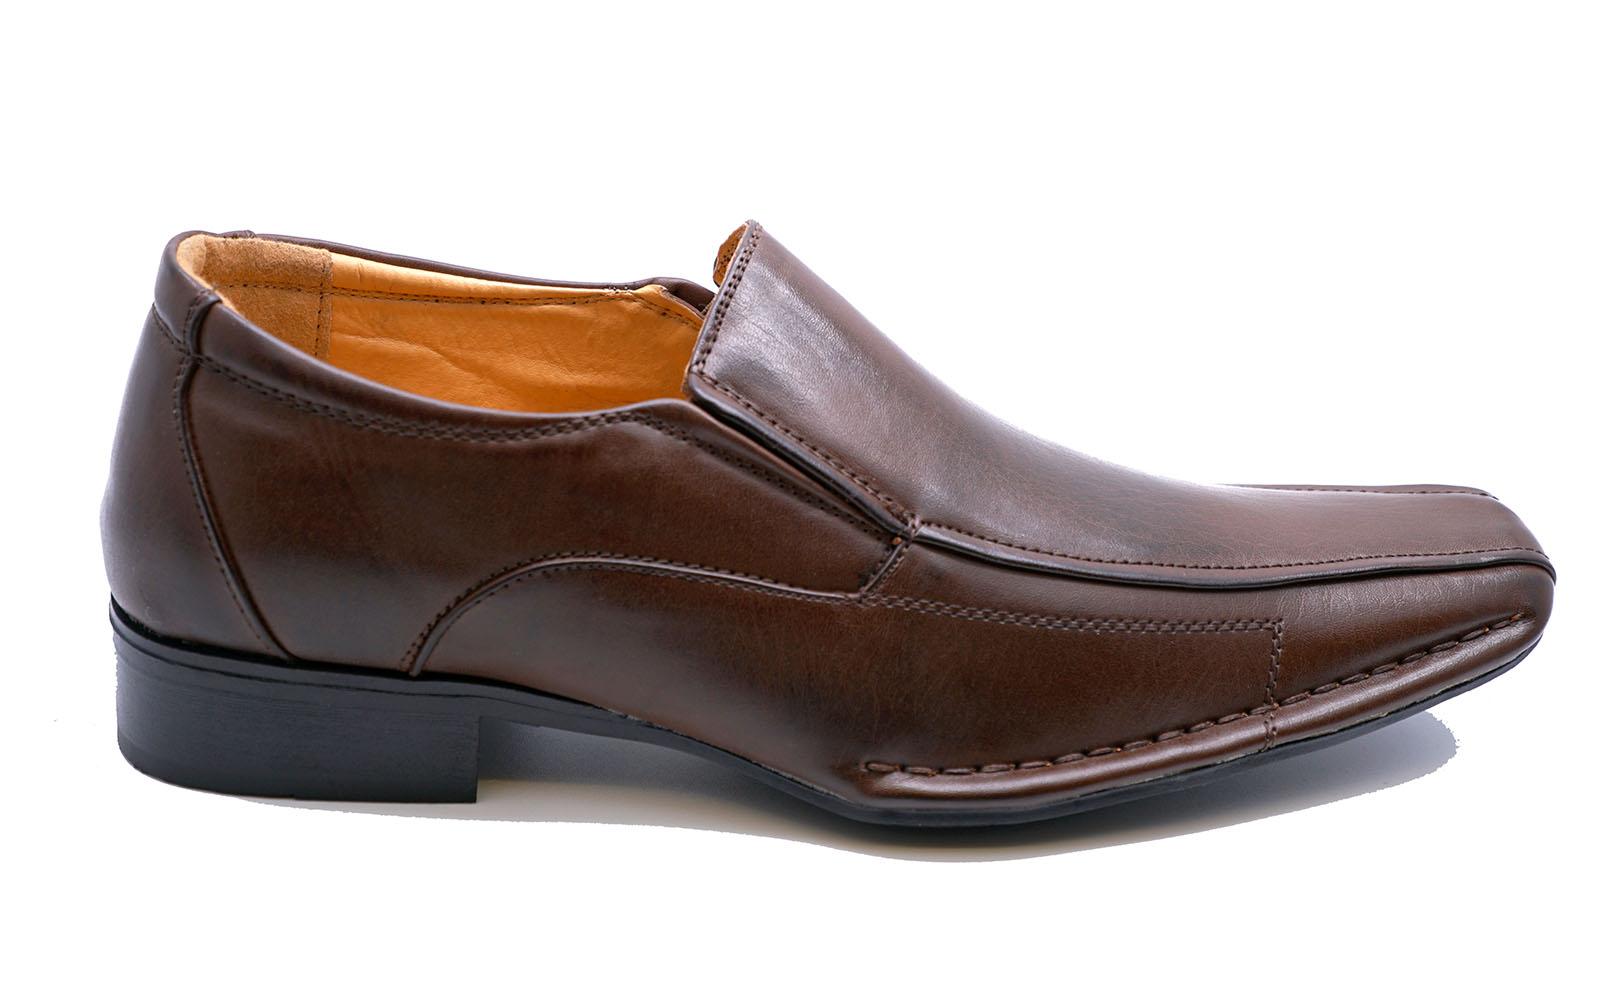 Para-Hombre-Marron-Oscuro-Sin-Cordones-Mocasines-Zapatos-Informales-inteligente-de-boda-de-Trabajo